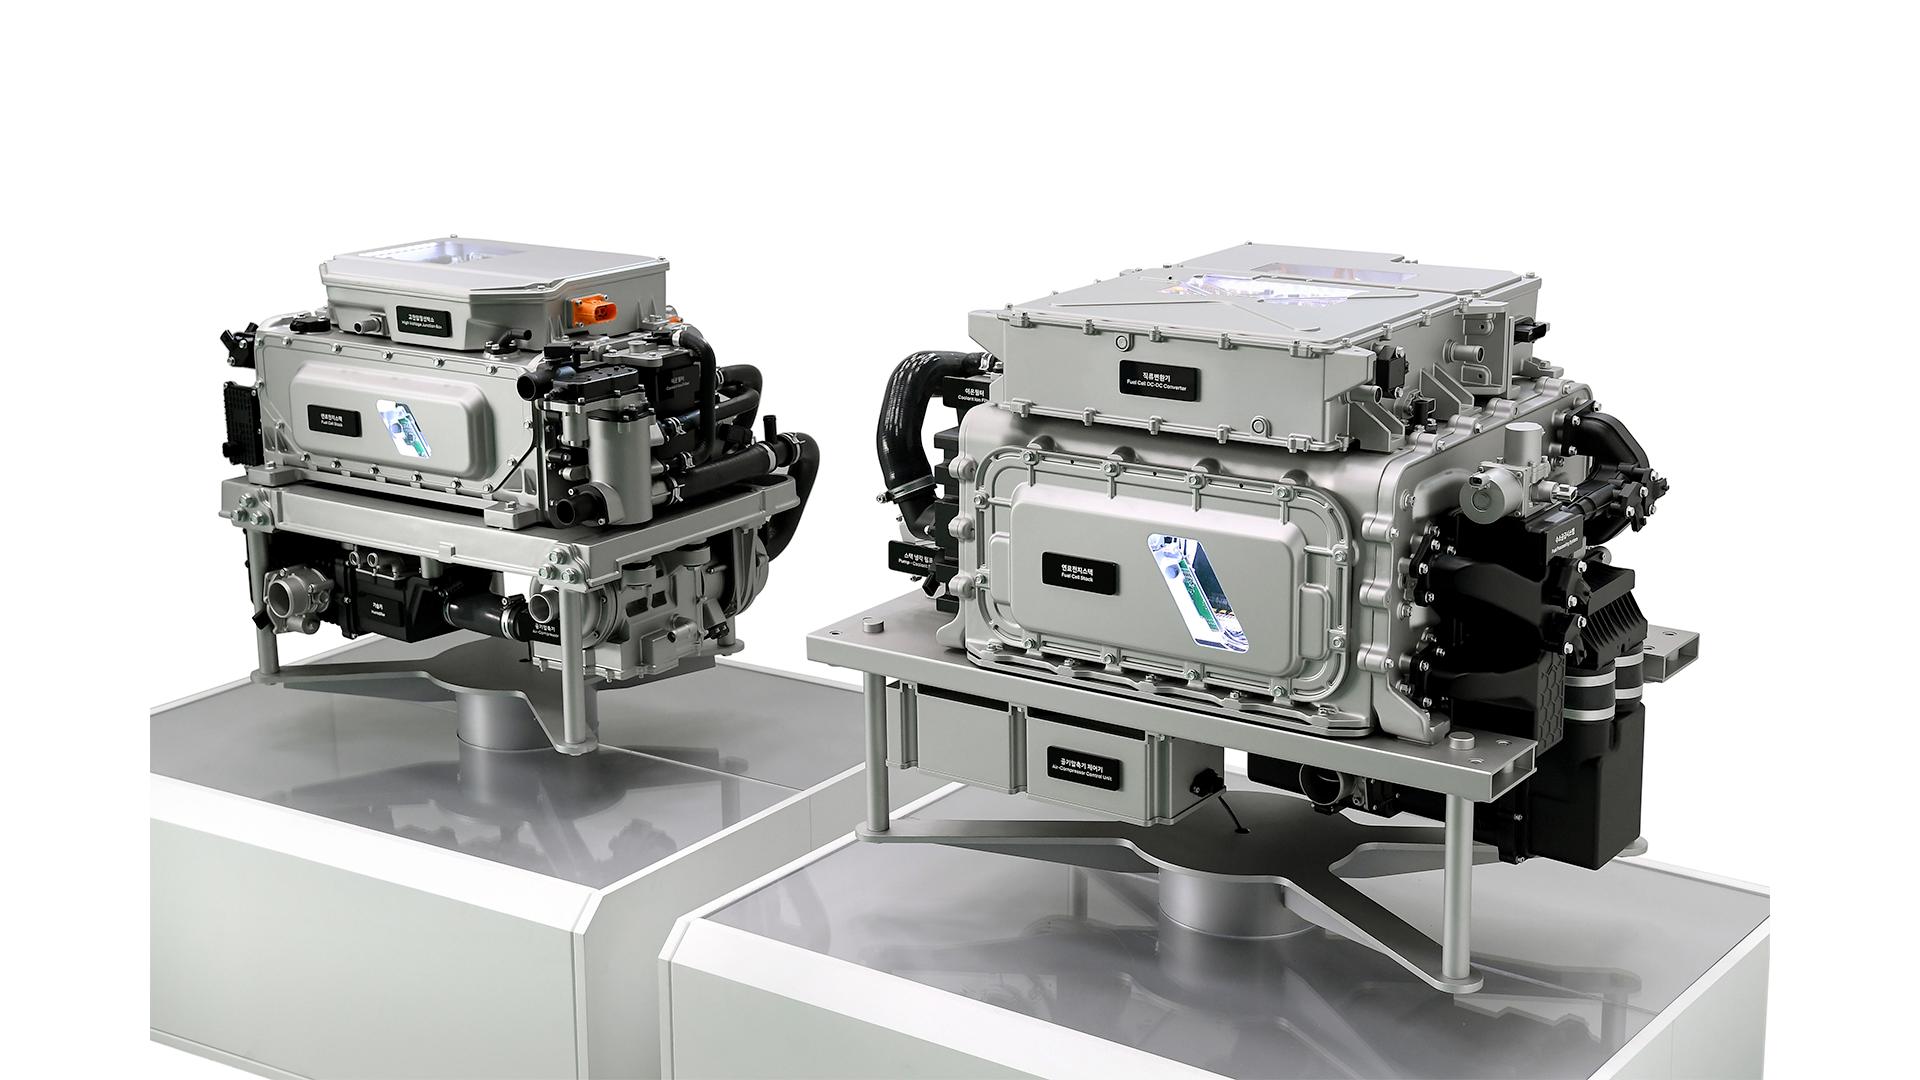 Hyundai third generation hydrogen fuel stack technology.